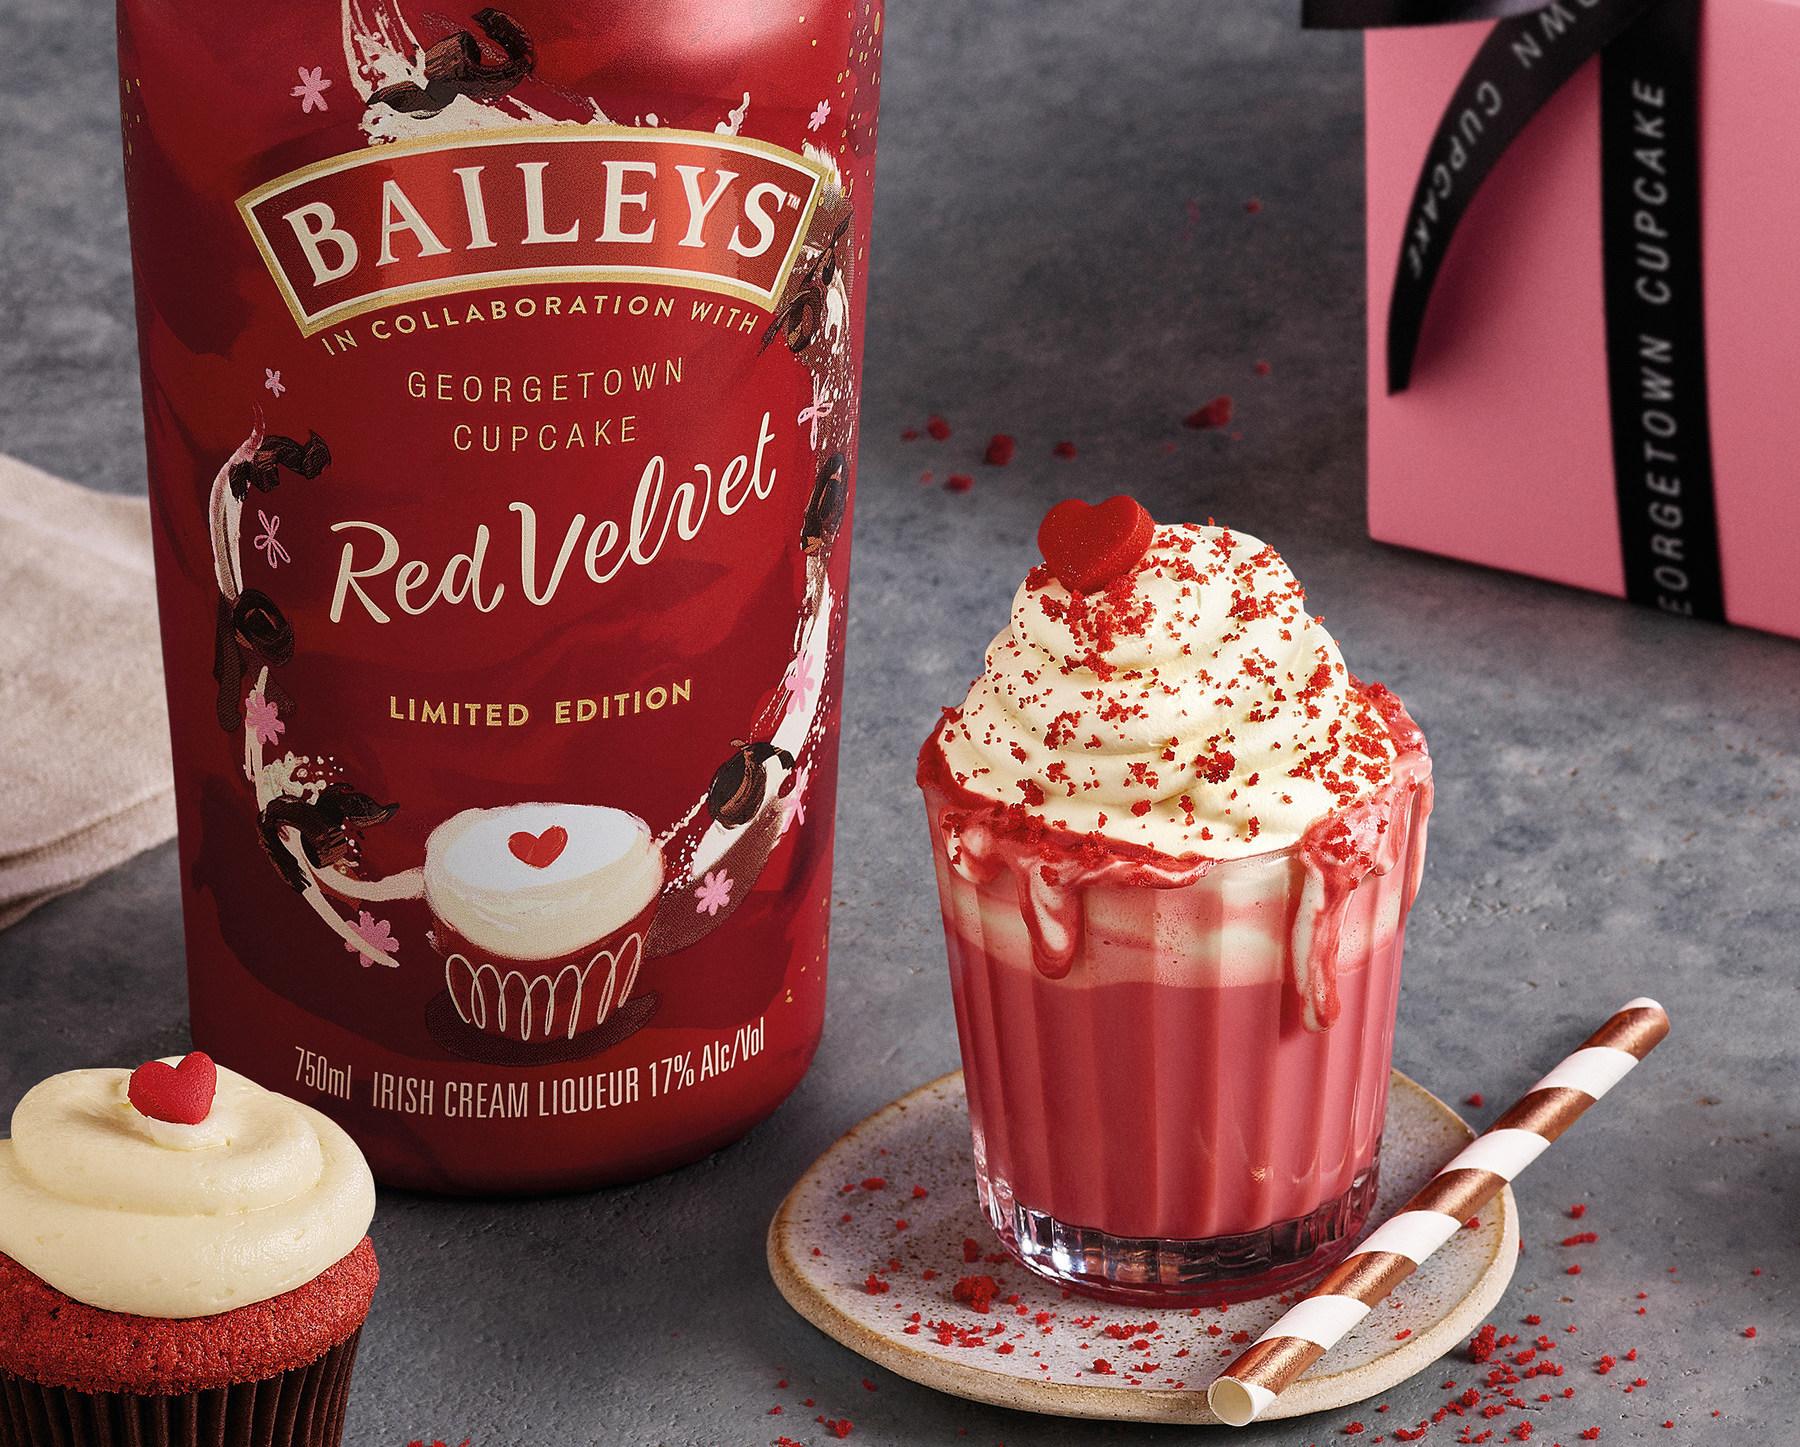 Baileys_Red_Velvet_Cupcake.jpg